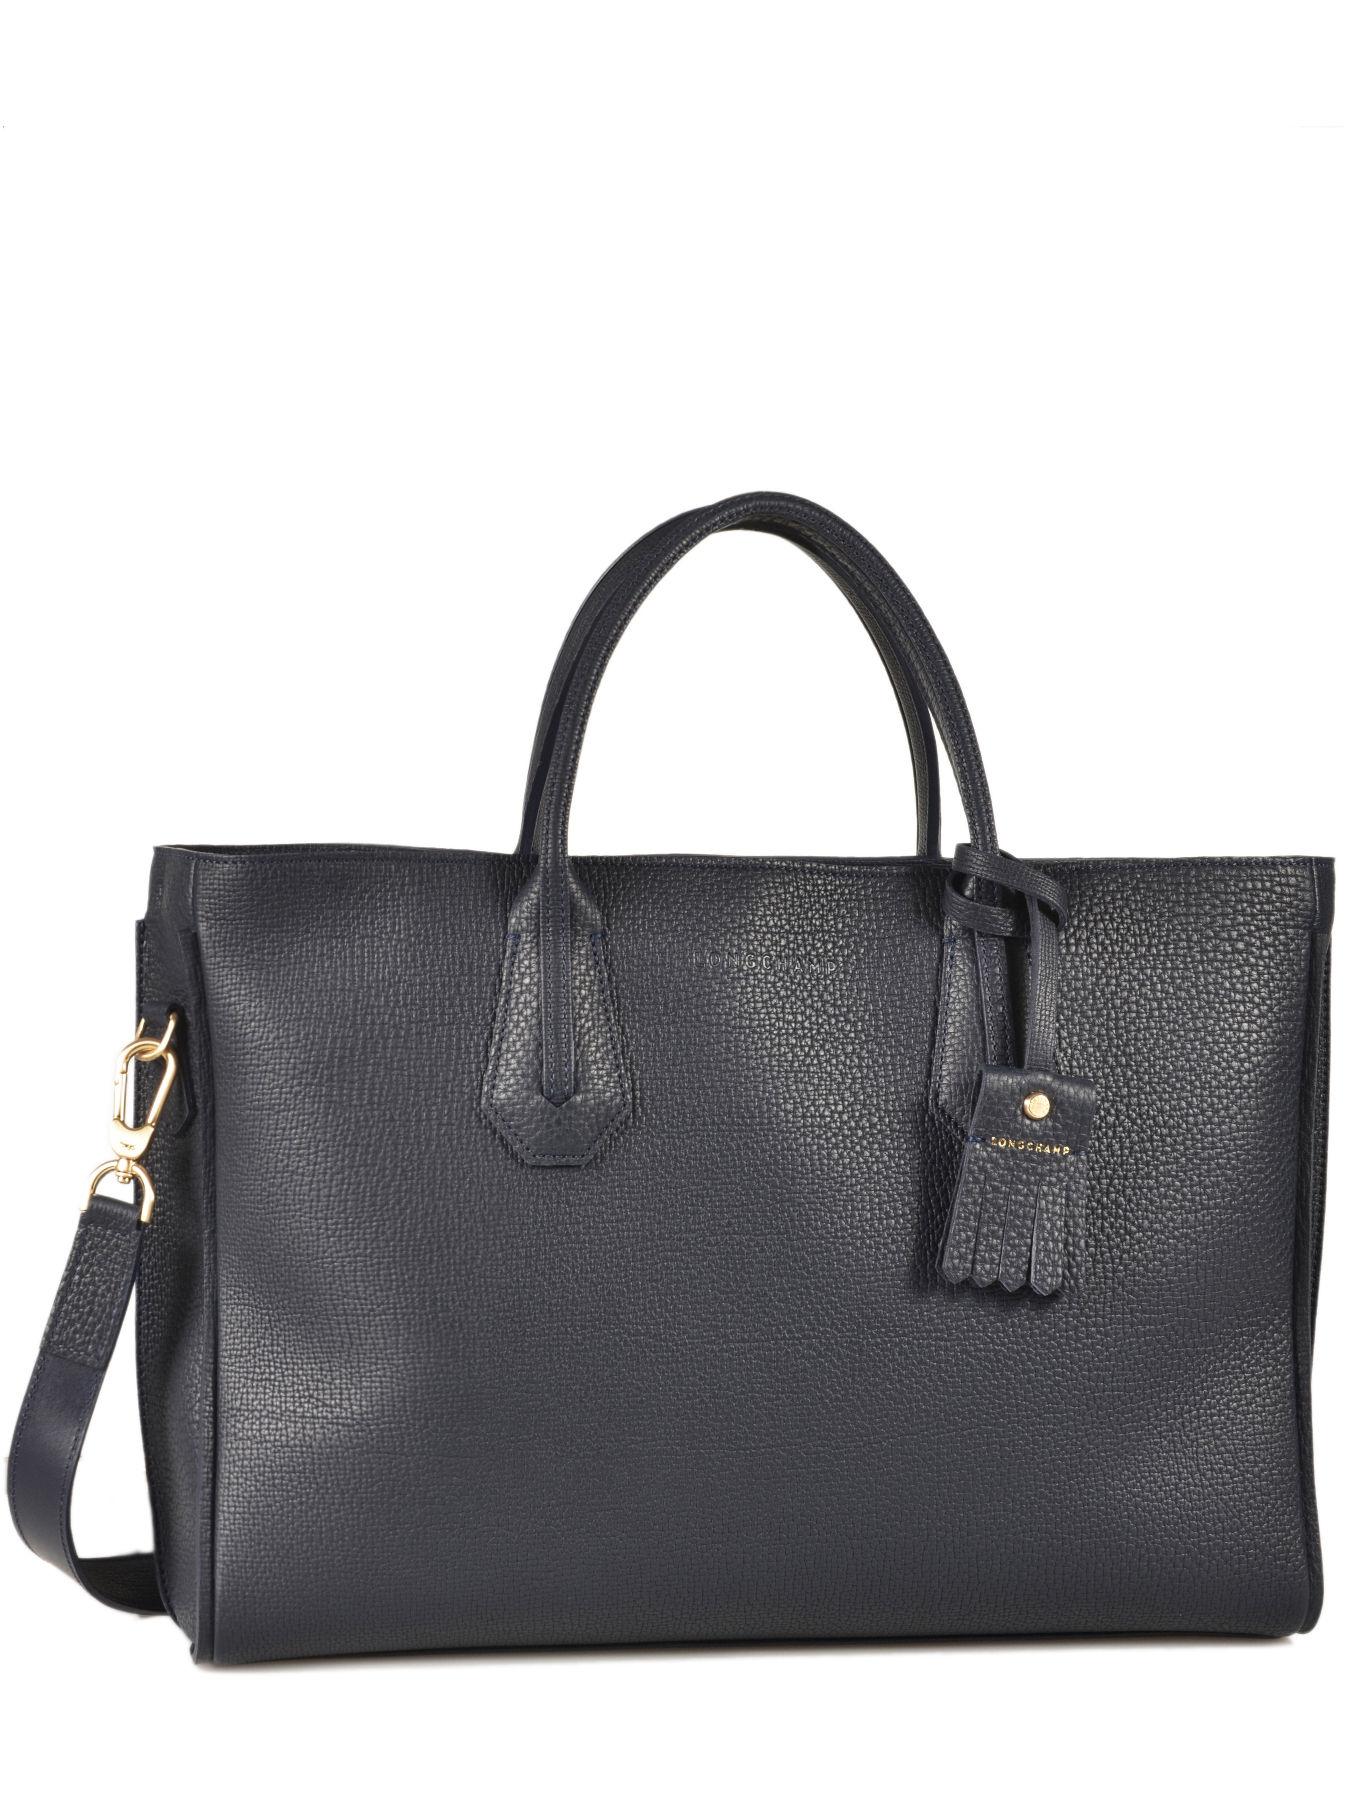 Longchamp Briefcase PÉnÉlope Best Prices - Porte document longchamp